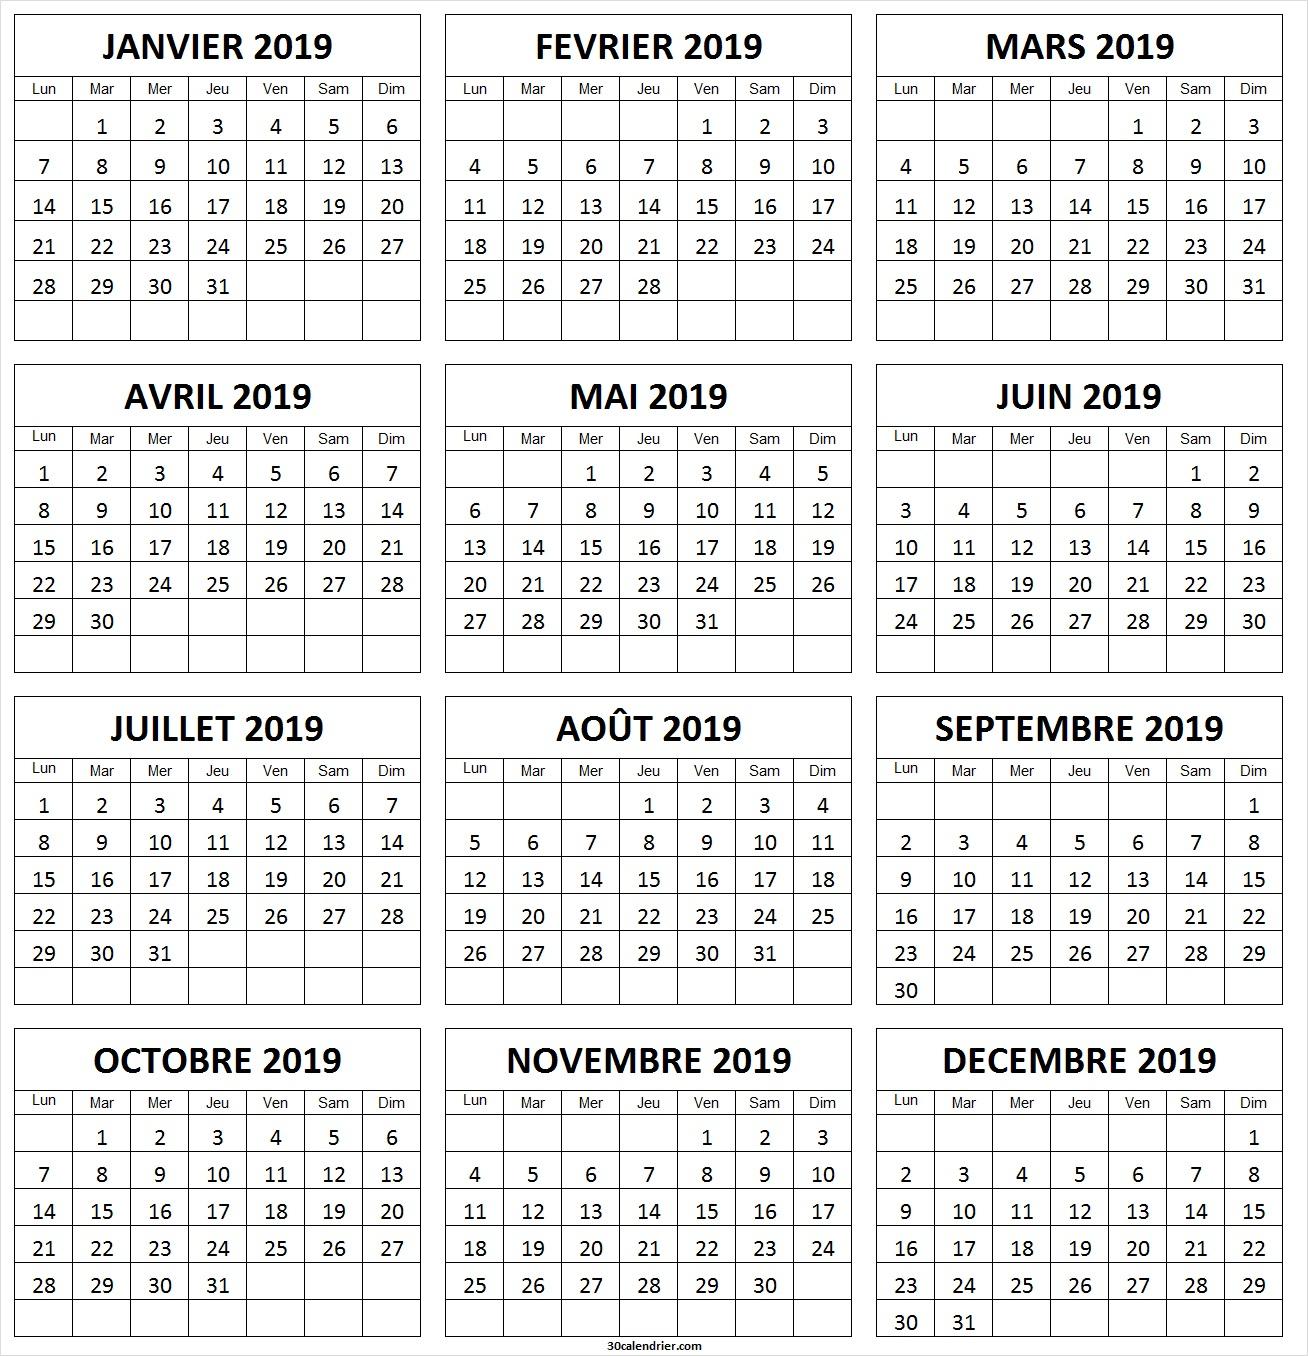 Calendrier 2019 À Imprimer Gratuit | Calendrier 2019 Vierge tout Calendrier Annuel 2019 À Imprimer Gratuit